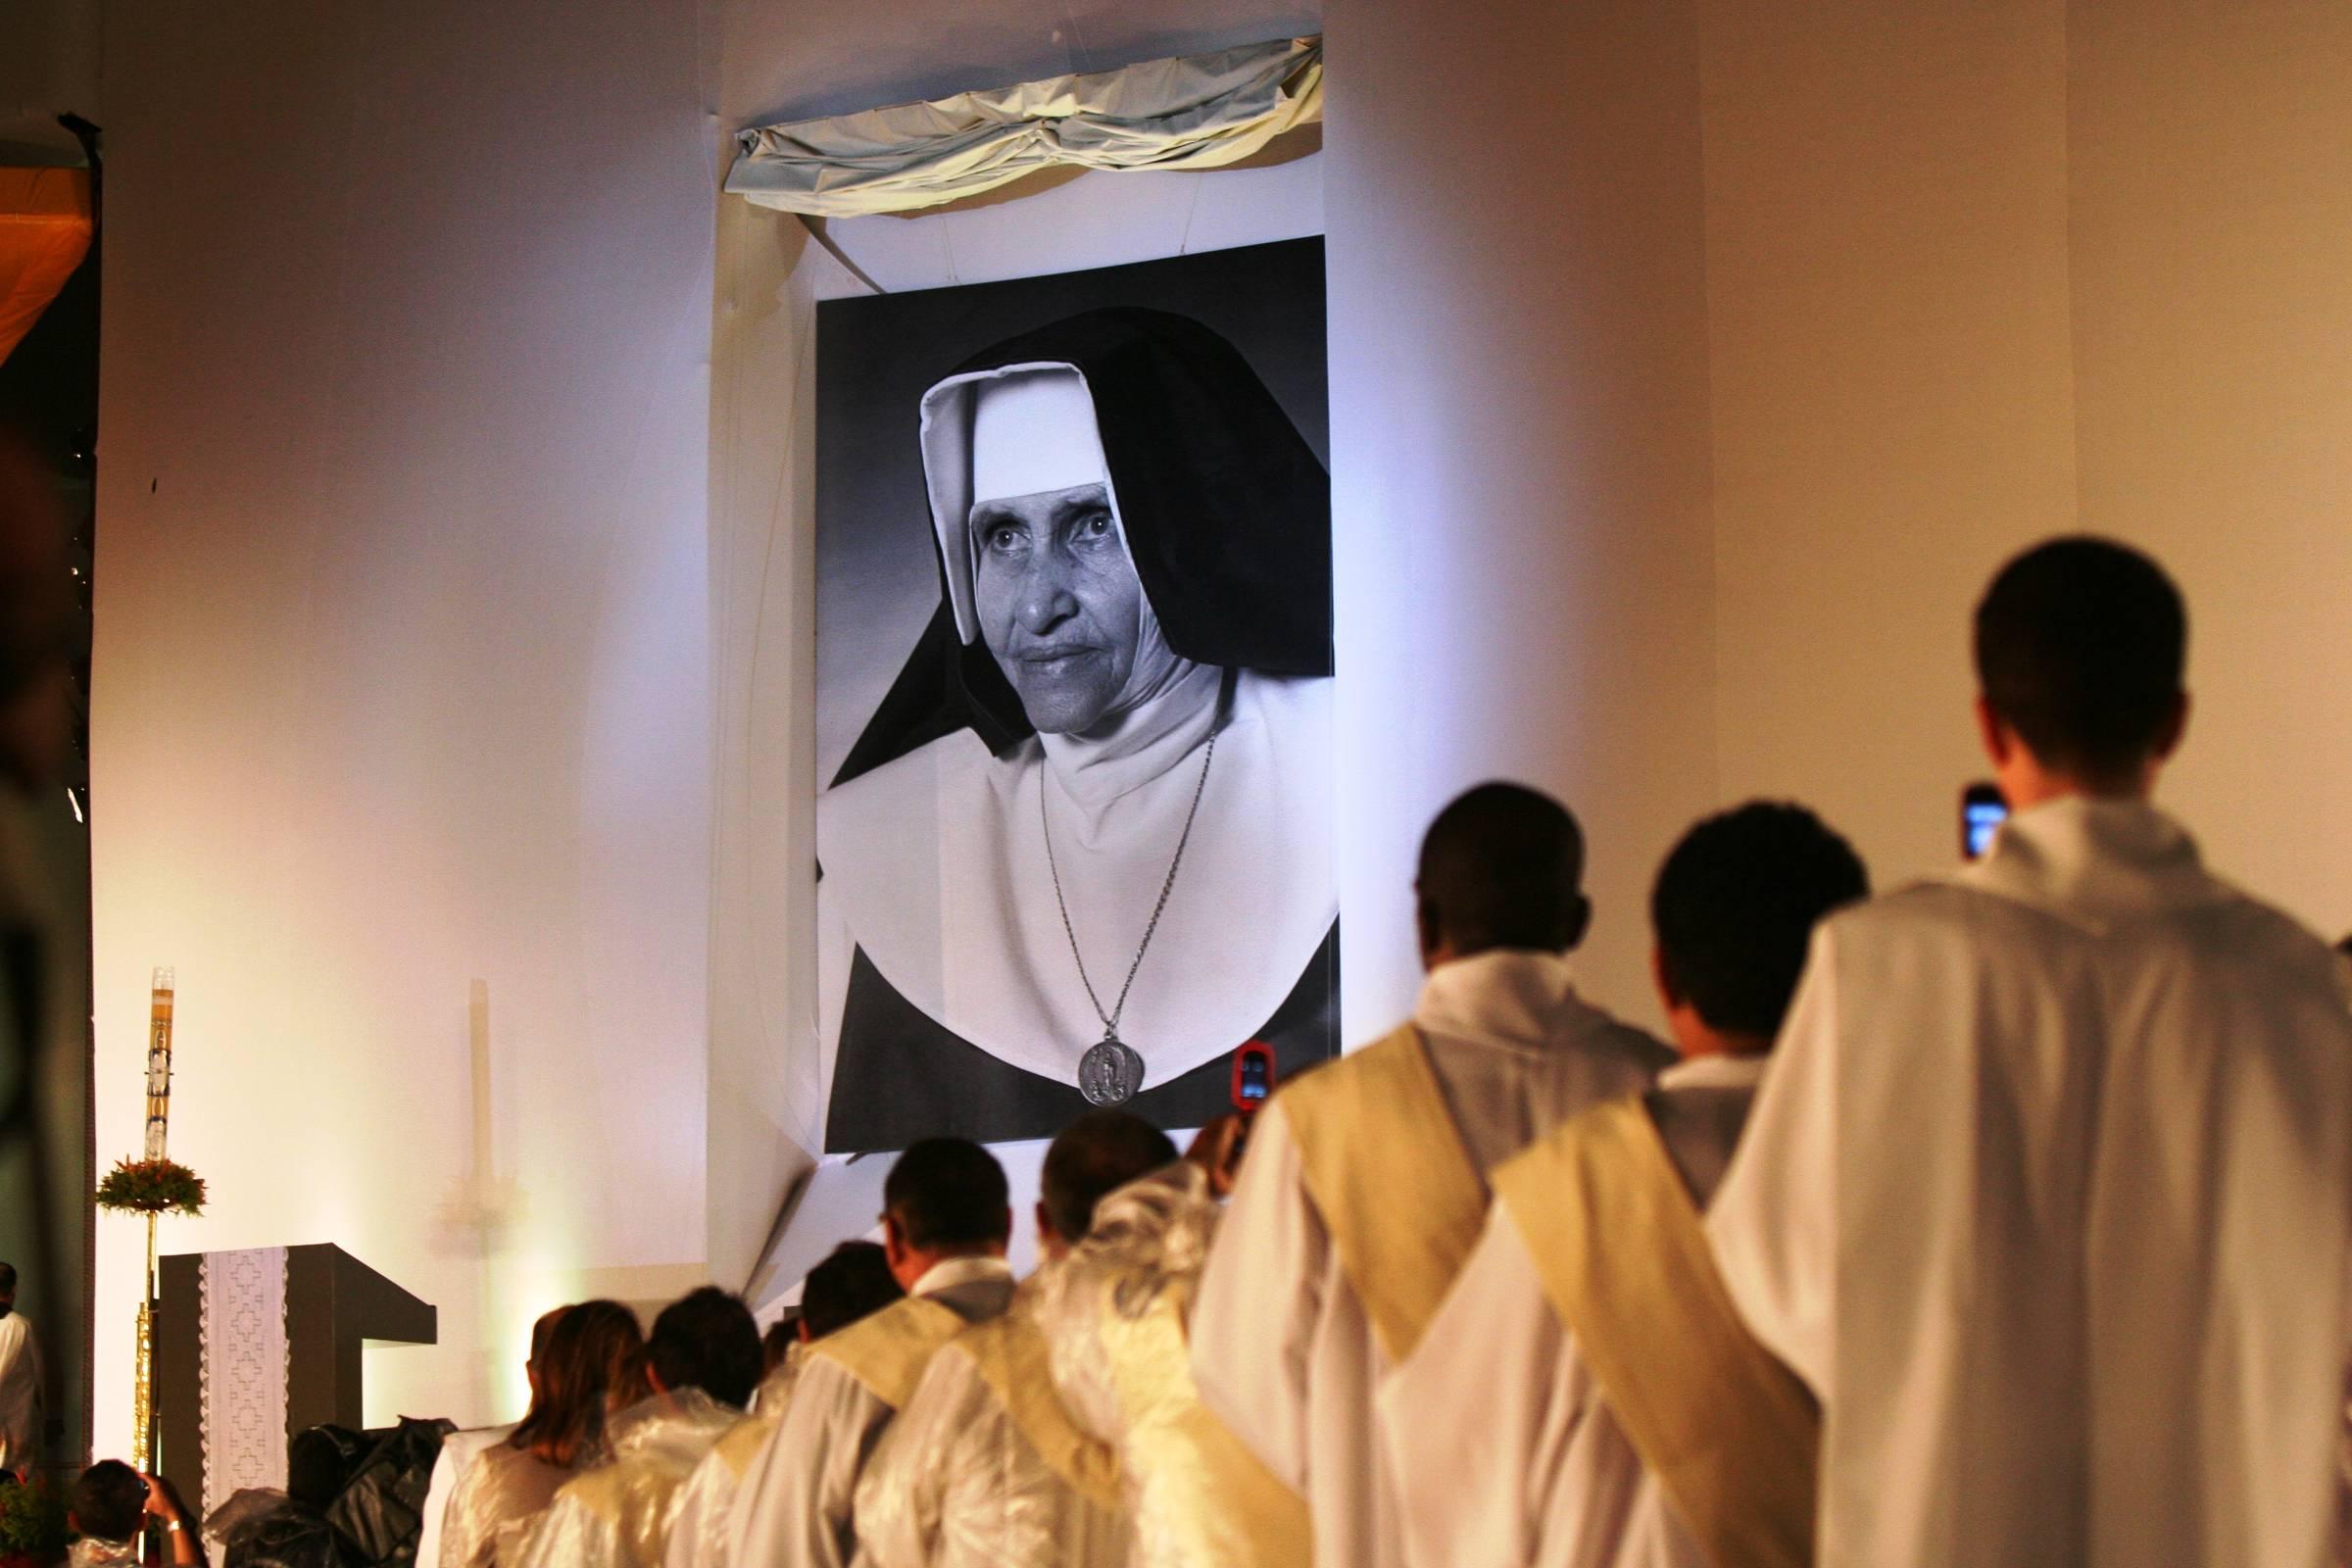 Foto de Maria Rita de Sousa Brito Lopes Pontes, a Irmã Dulce, durante a cerimônia de beatificação em Salvador, em 2011. Religiosa baiana será canonizada como Santa Dulce dos Pobres